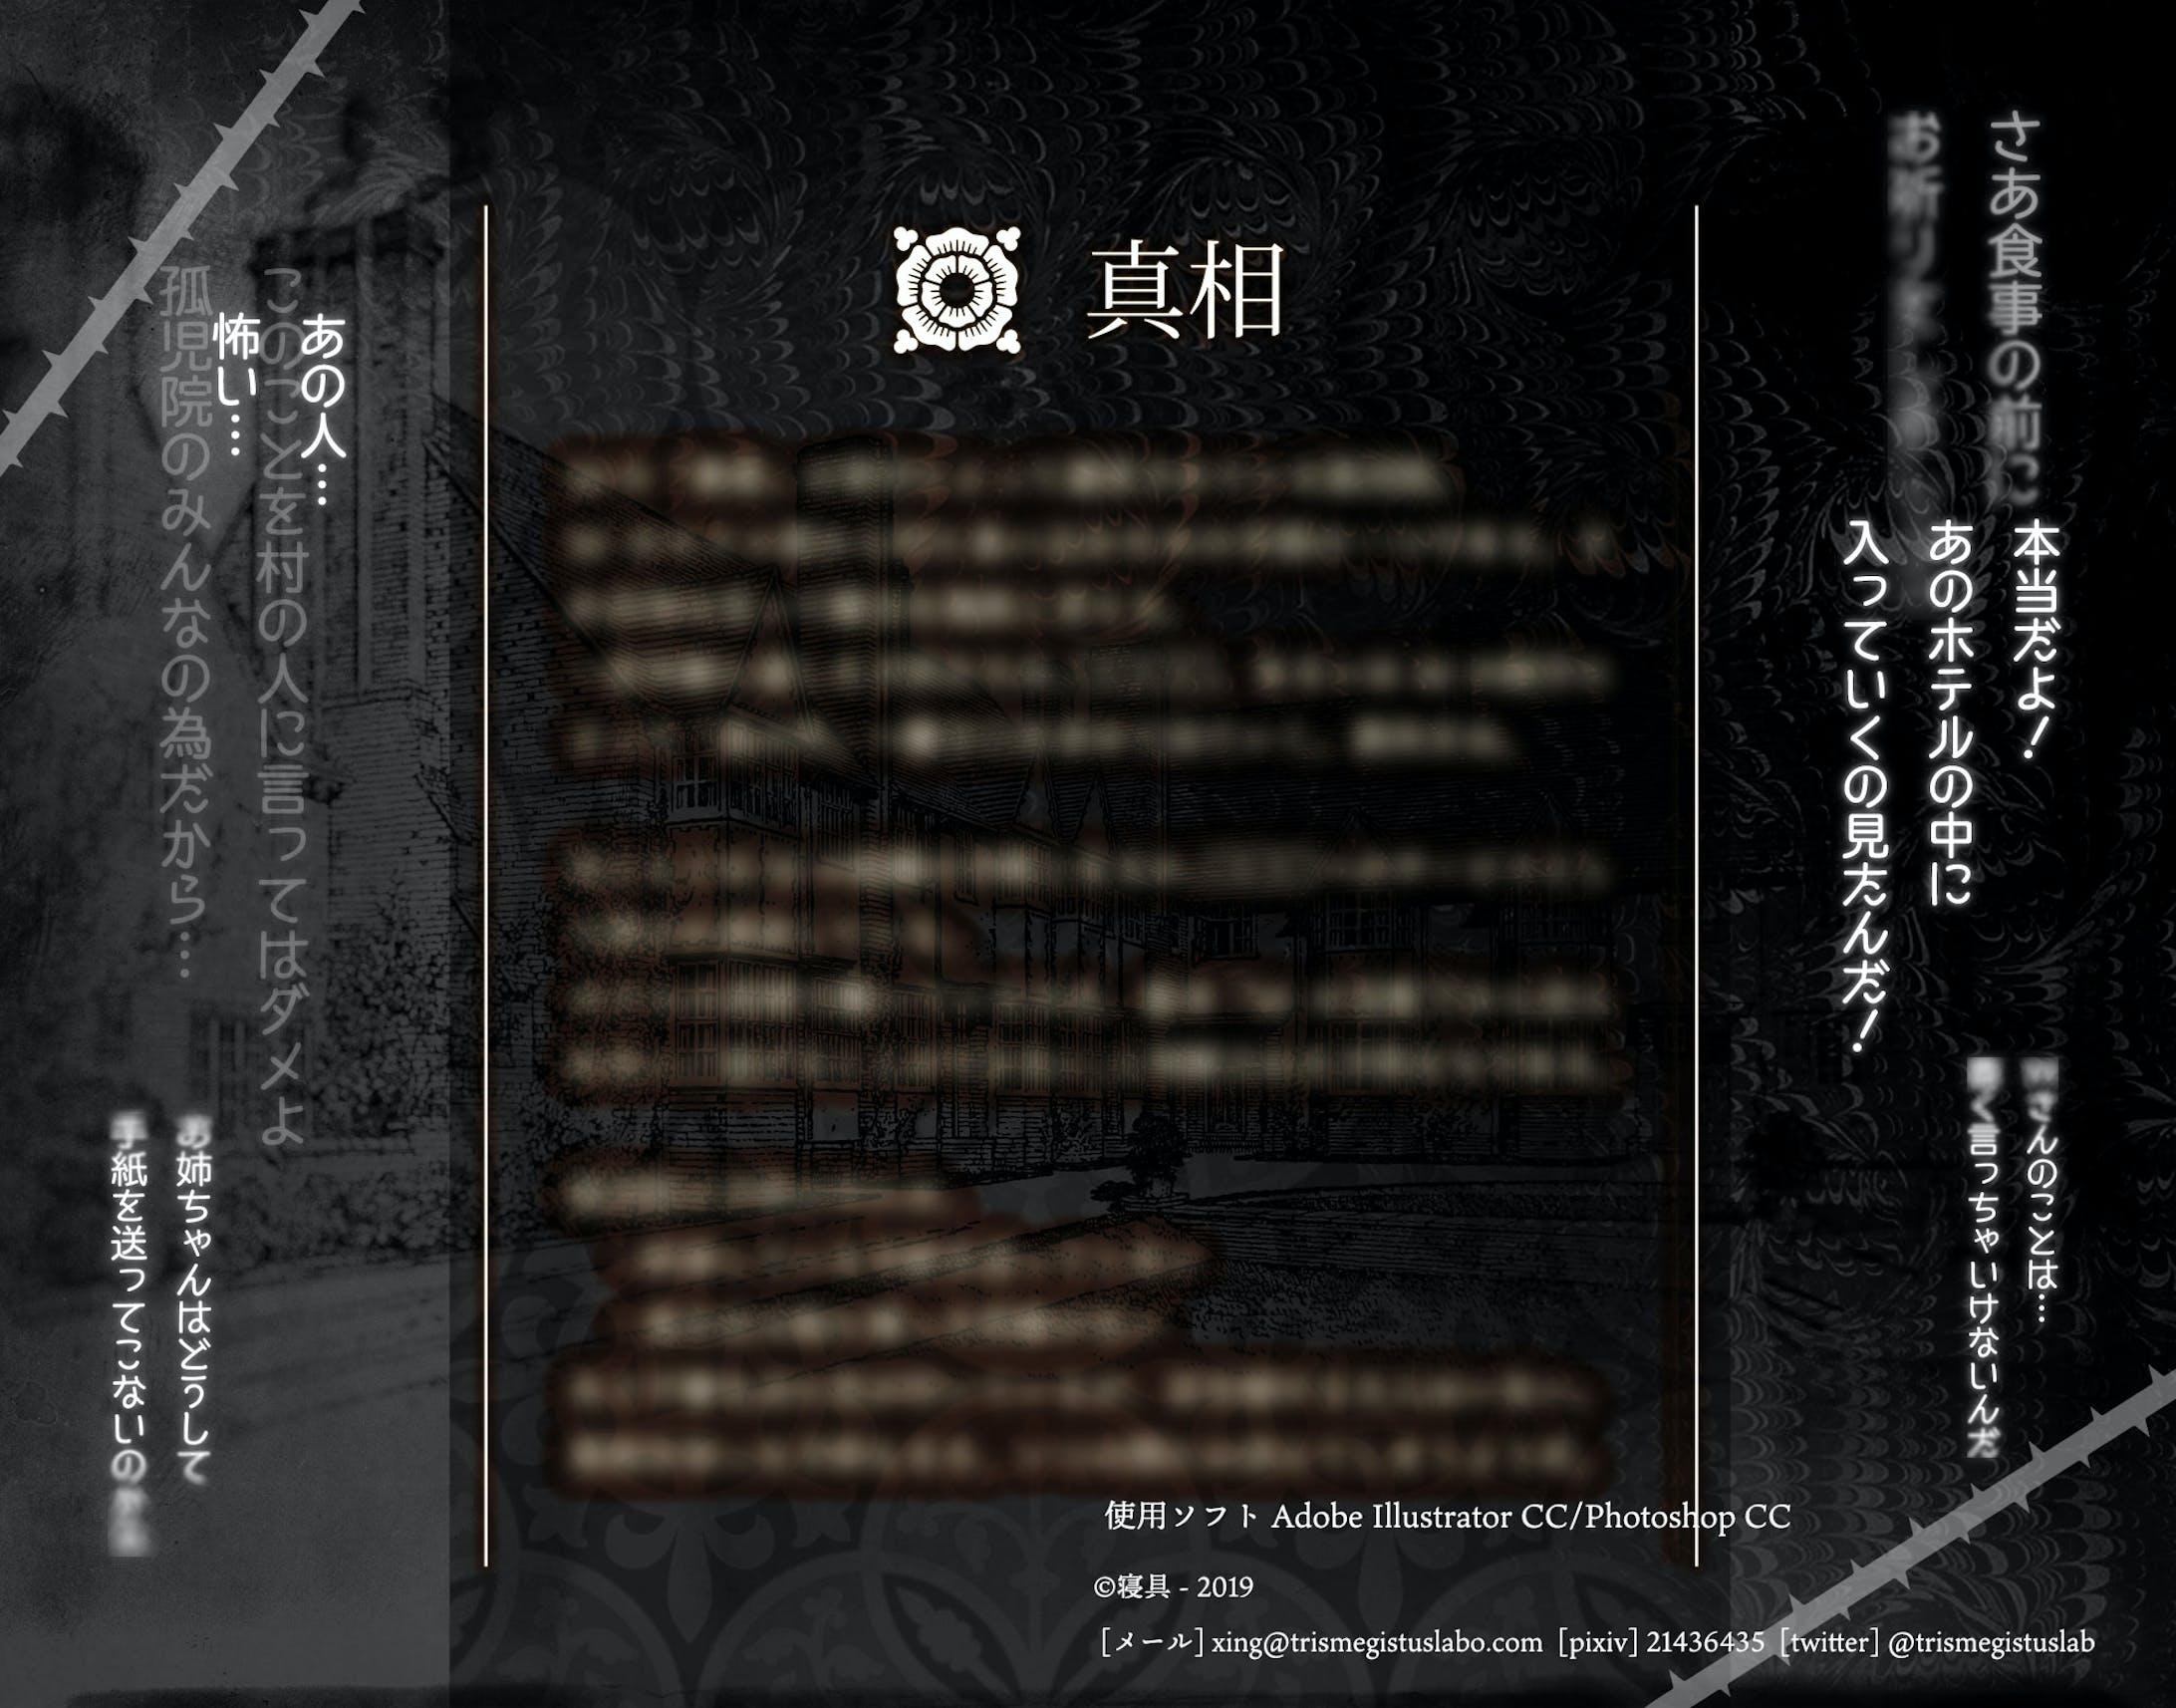 ゲーム背景画像・ややダークなイメージ-2